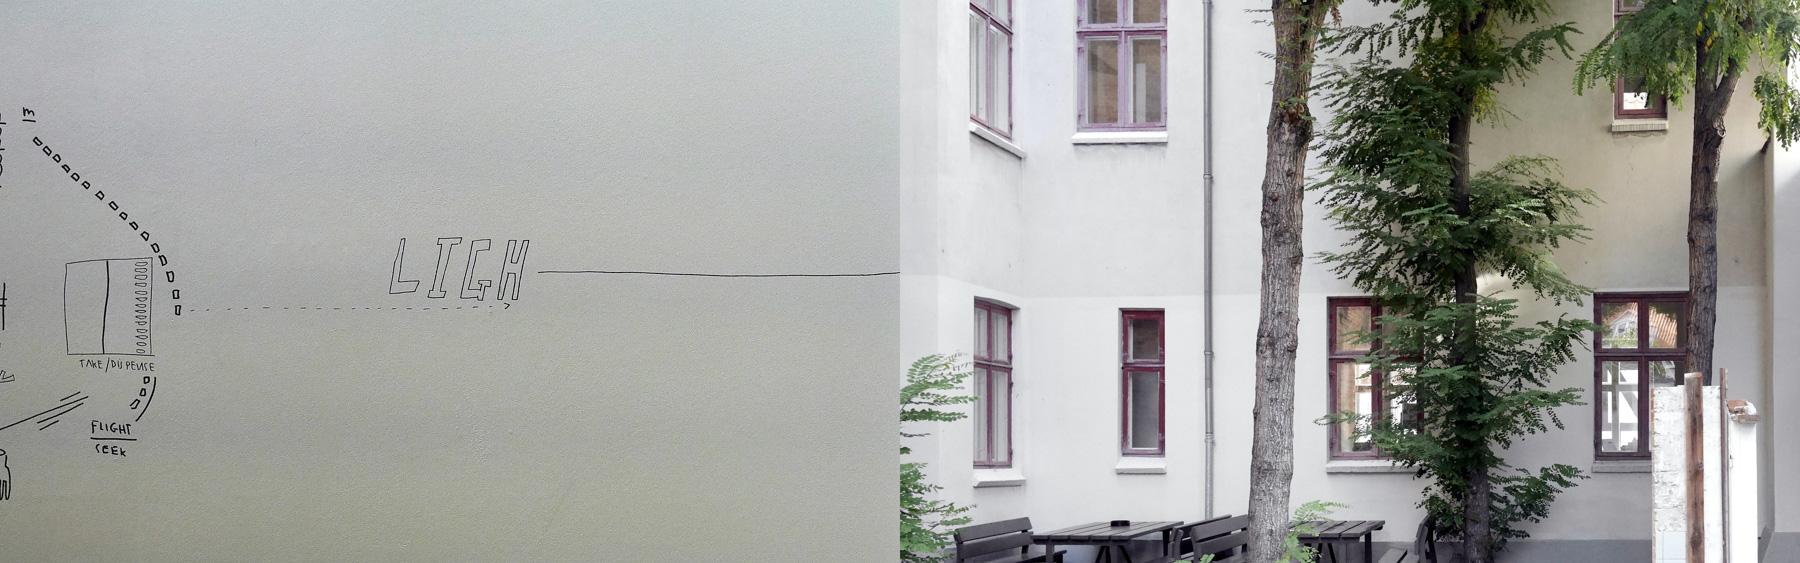 Aarhus Architecture School, Aarhus, 2015